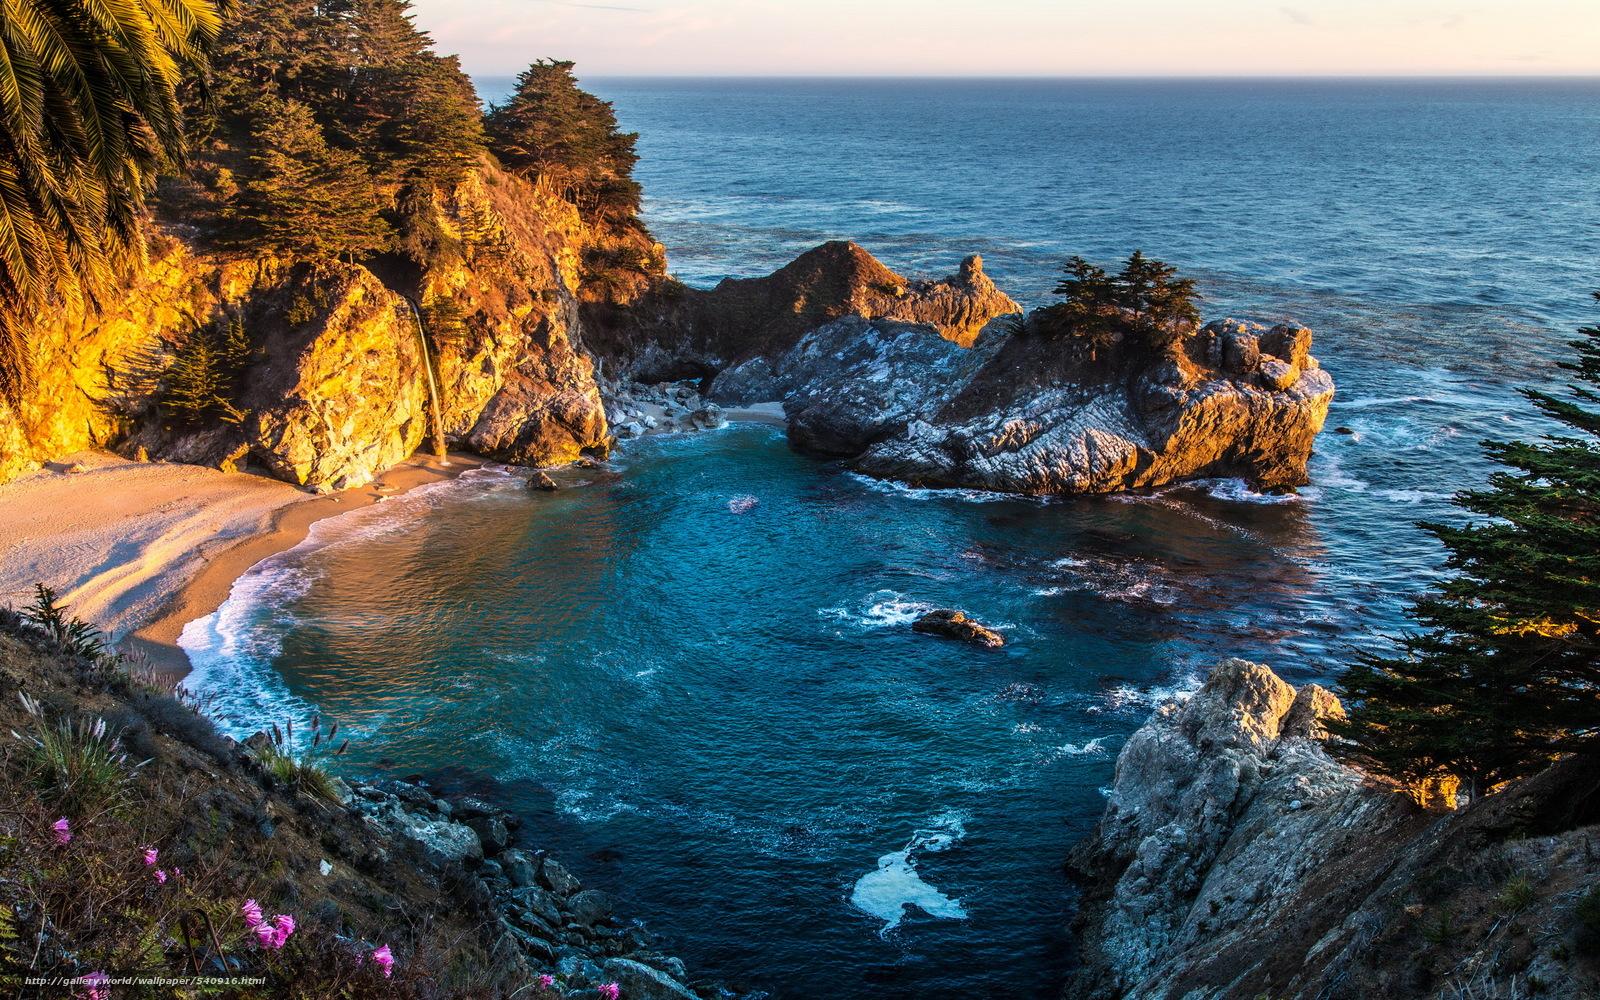 радостное фото пейзажи морские бухты ней что-то неподдельное